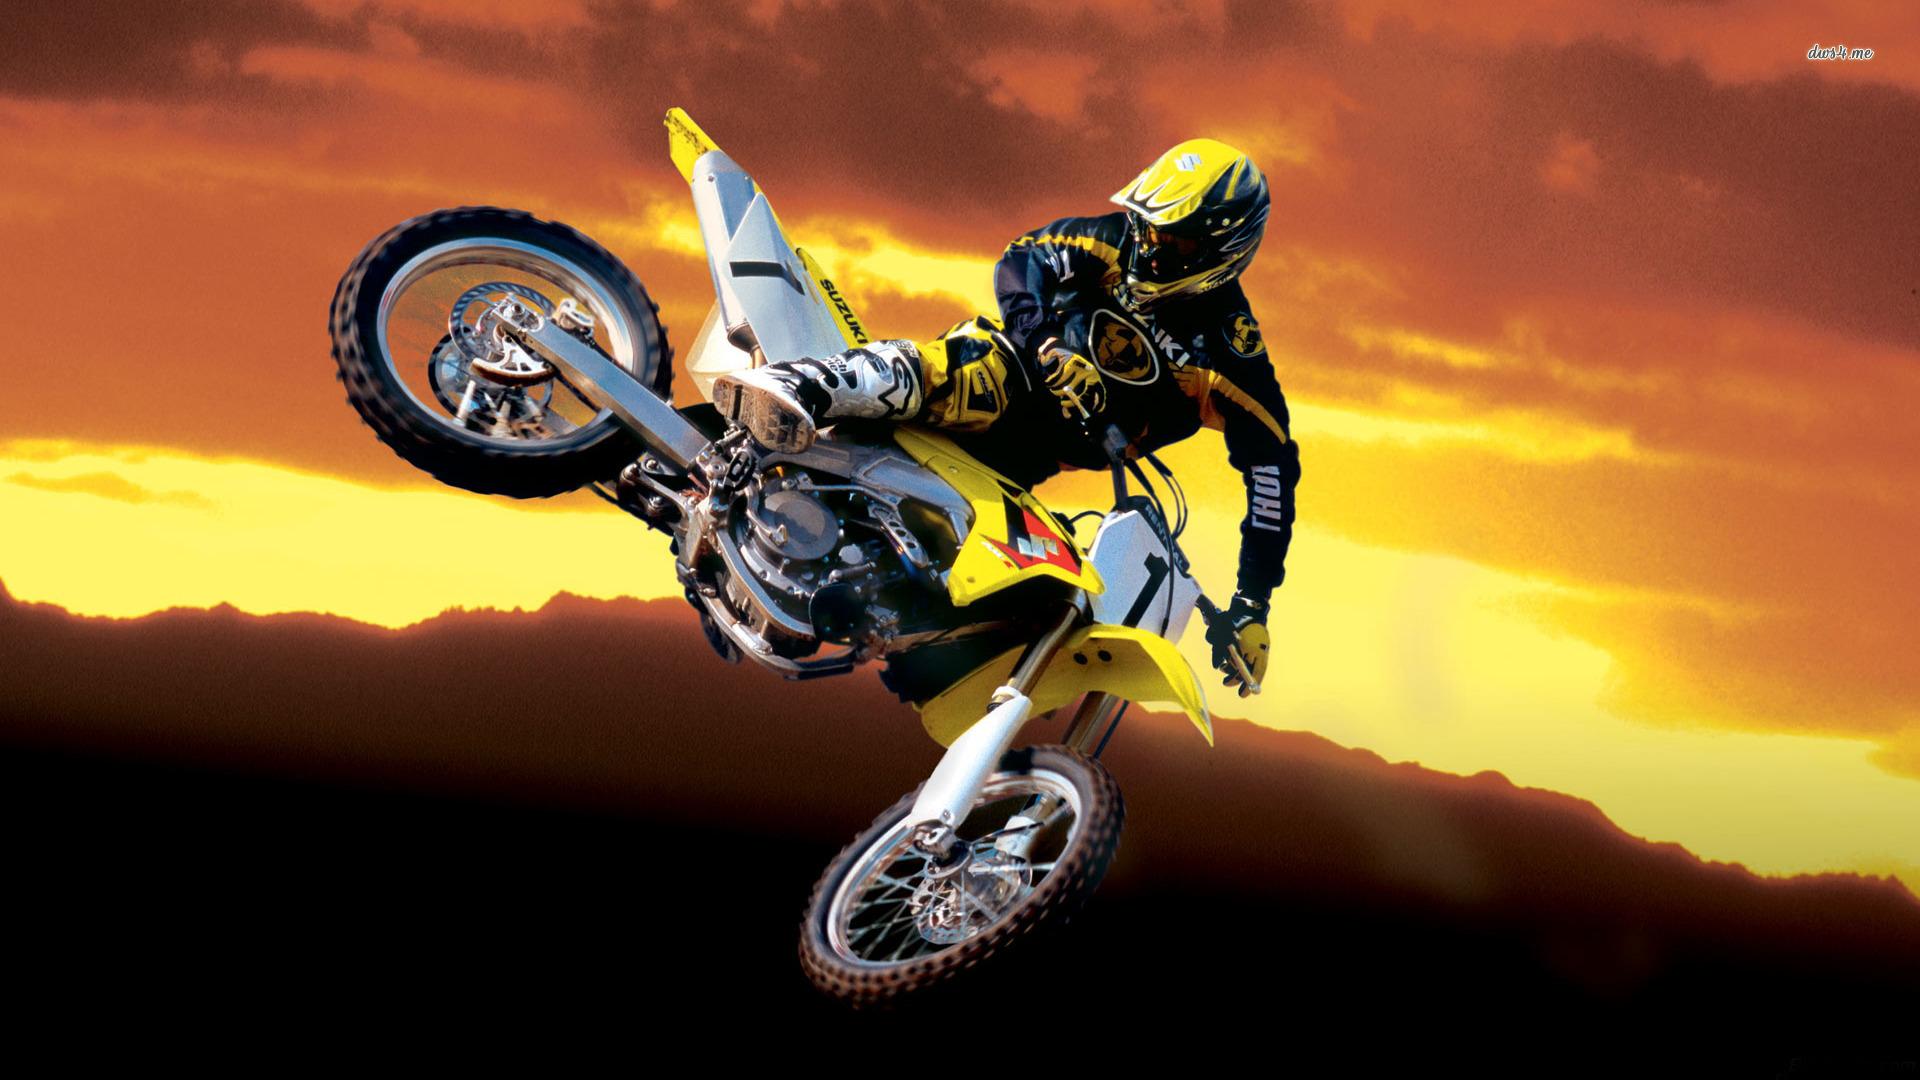 suzuki-motocross-4